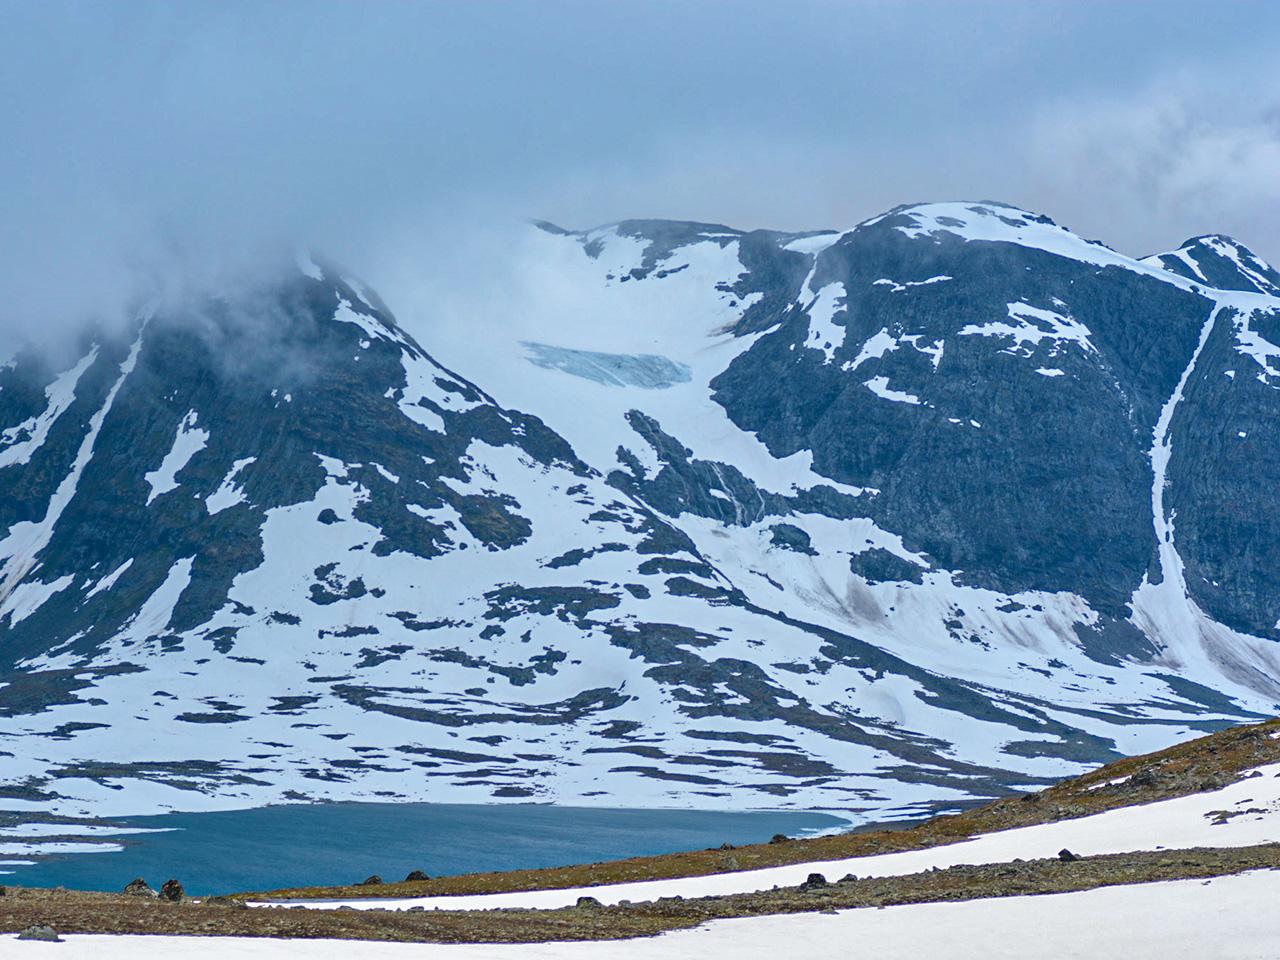 berg_snö_o_vatten